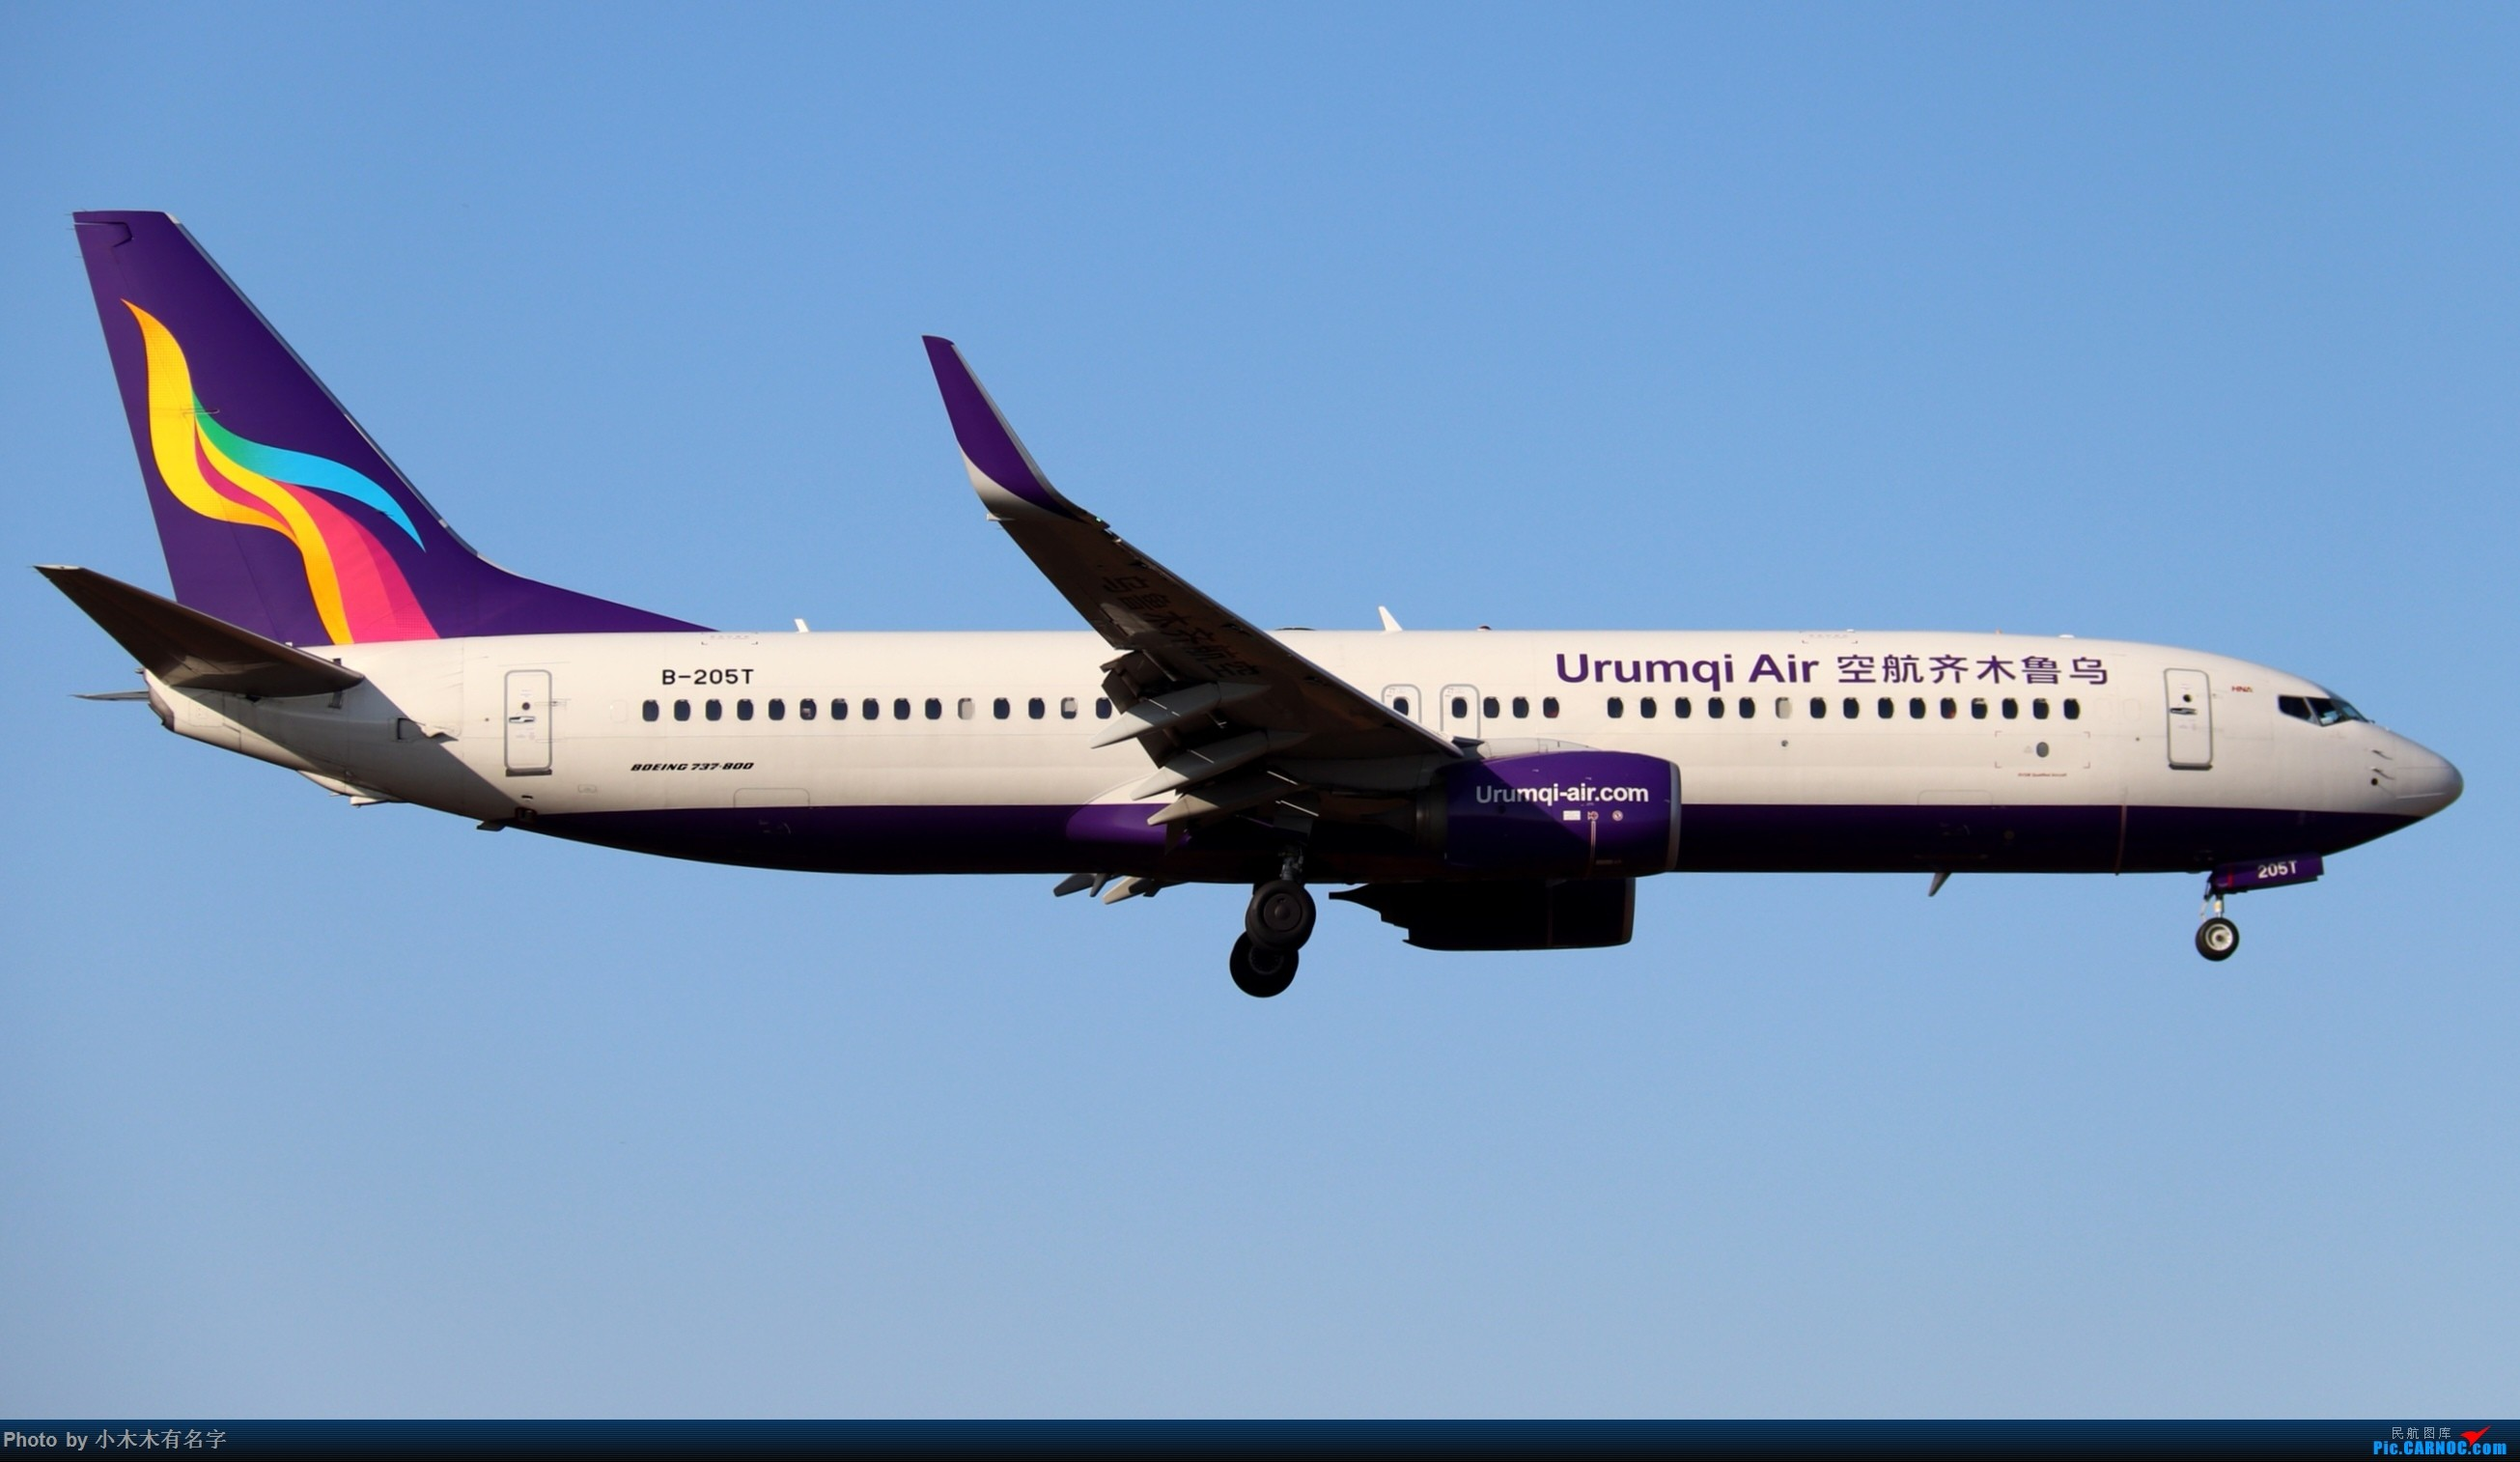 [原创]2019冬天的海口美兰 BOEING 737-800 B-205T 中国海口美兰国际机场